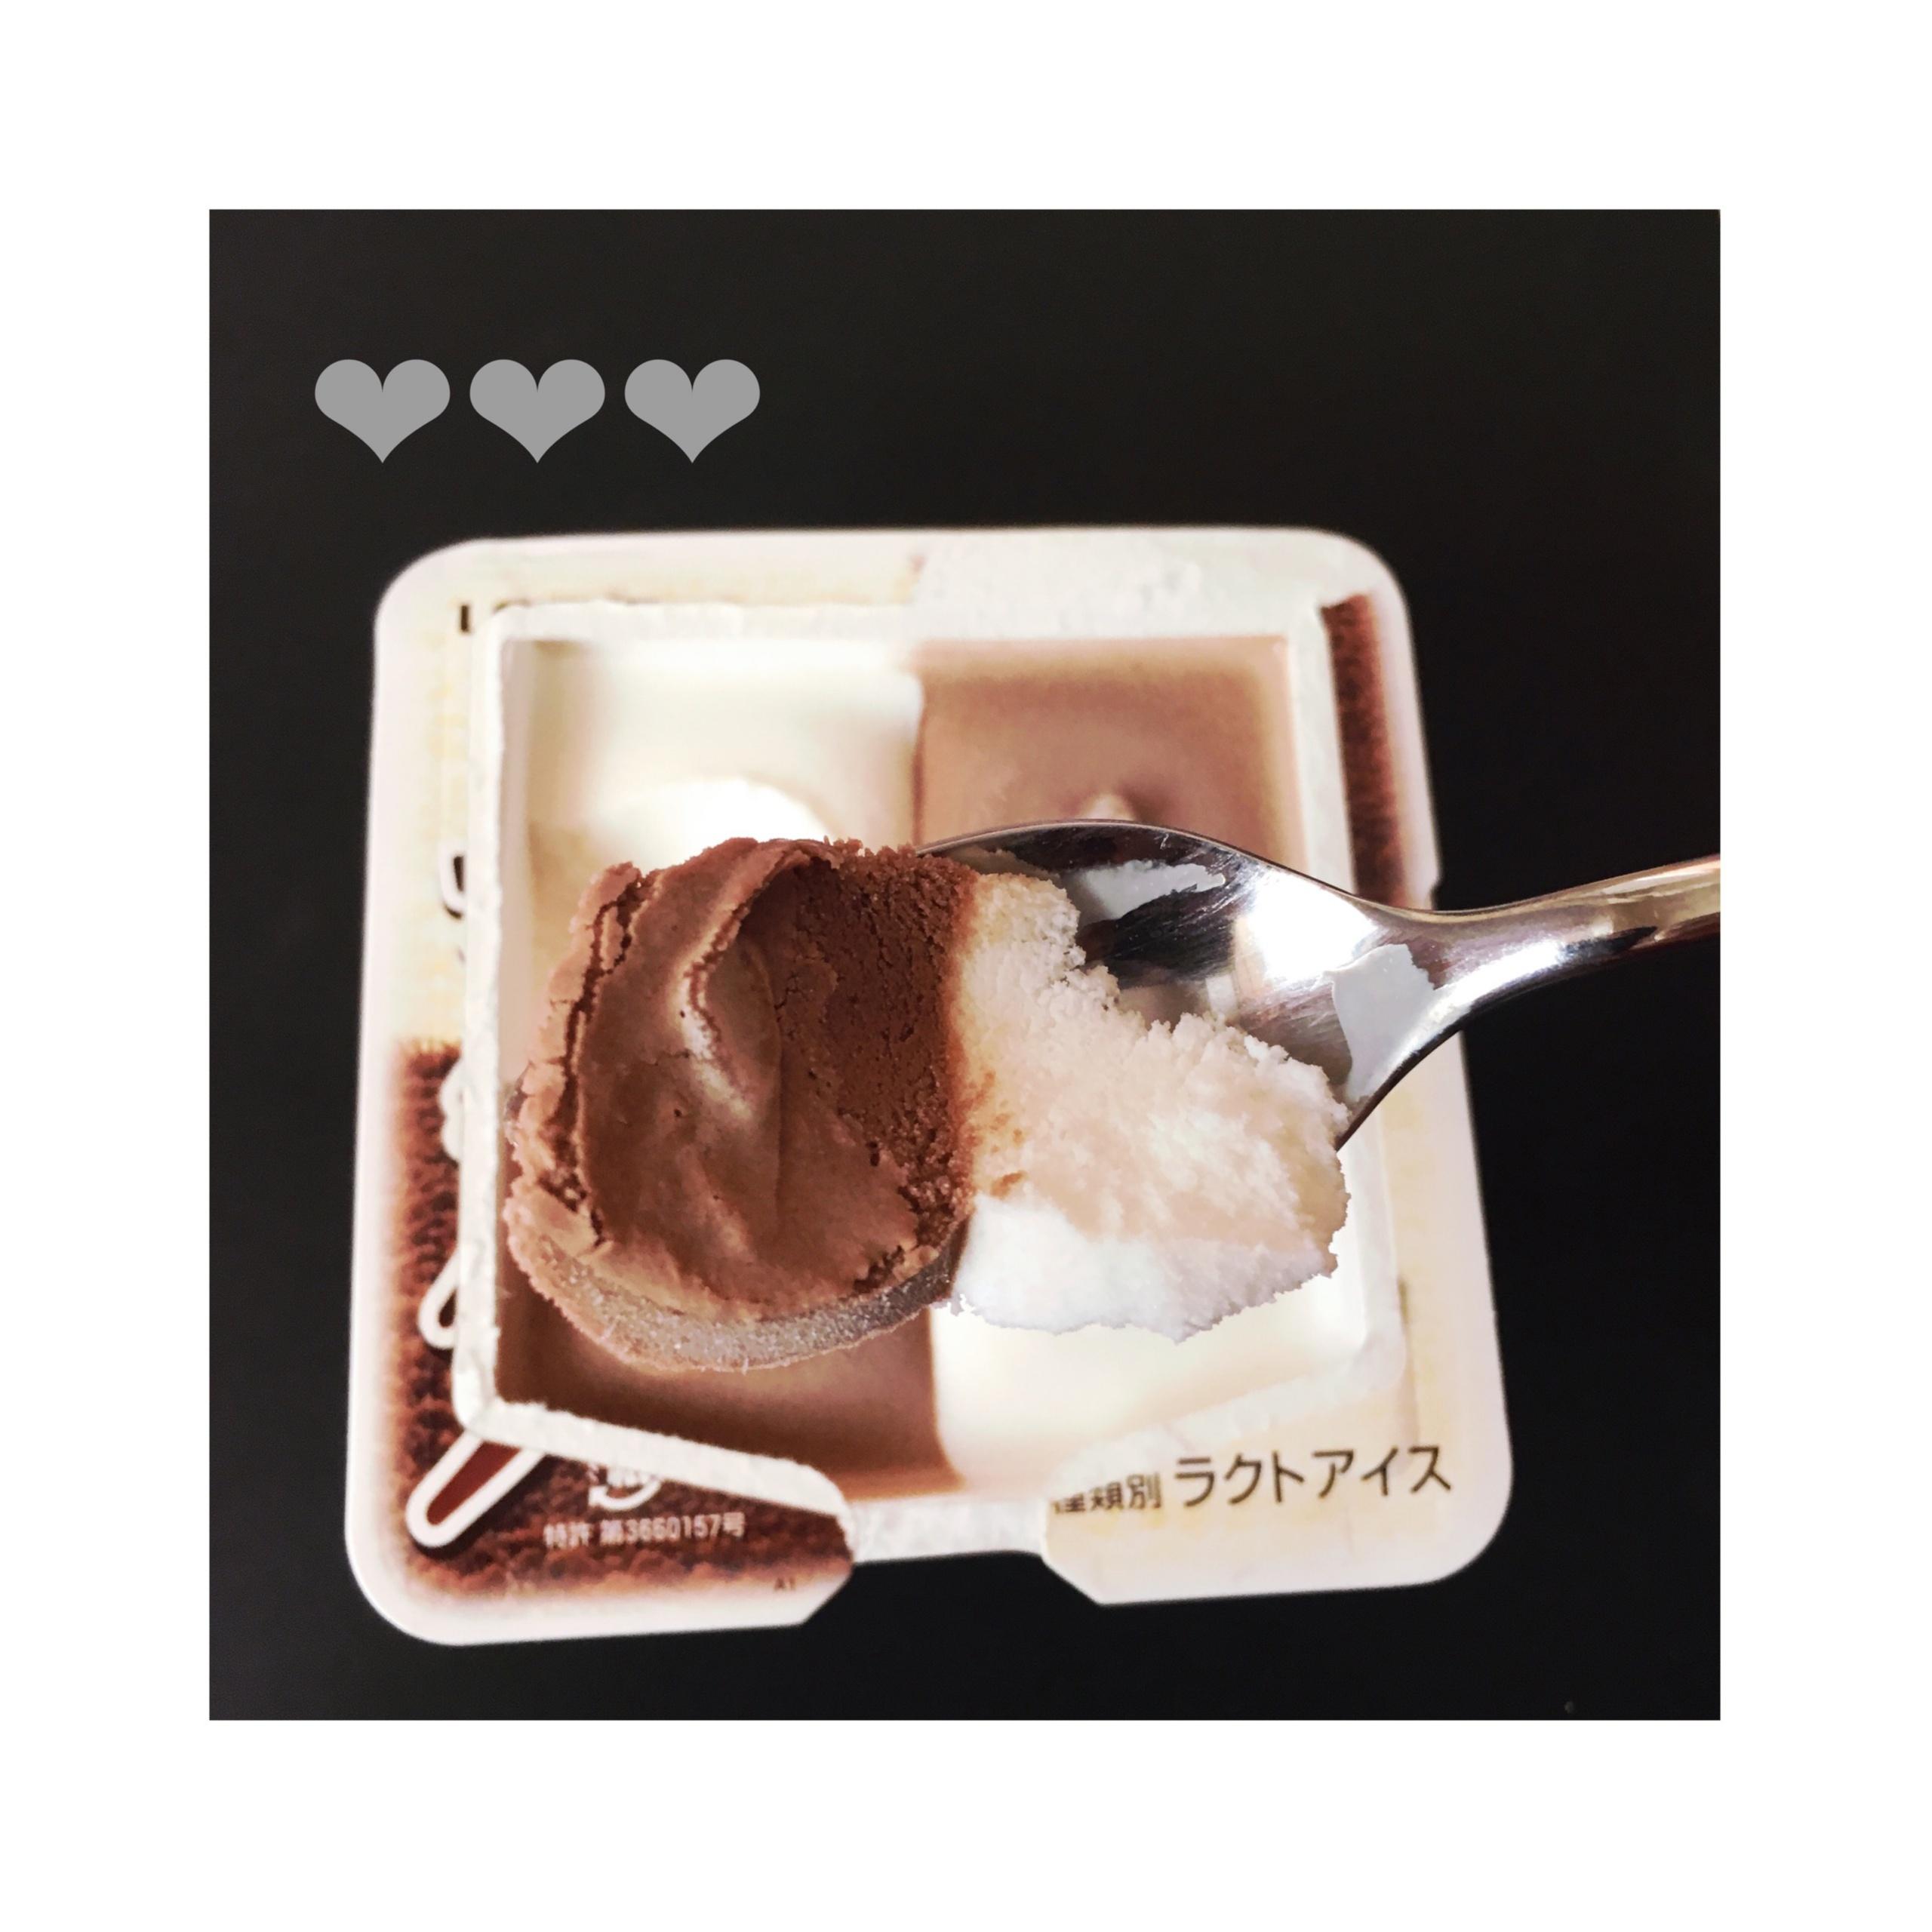 《本日9/25発売★》【コンビニアイス】ロッテ爽から新登場✨「BLACK&WHITE」❤️_3